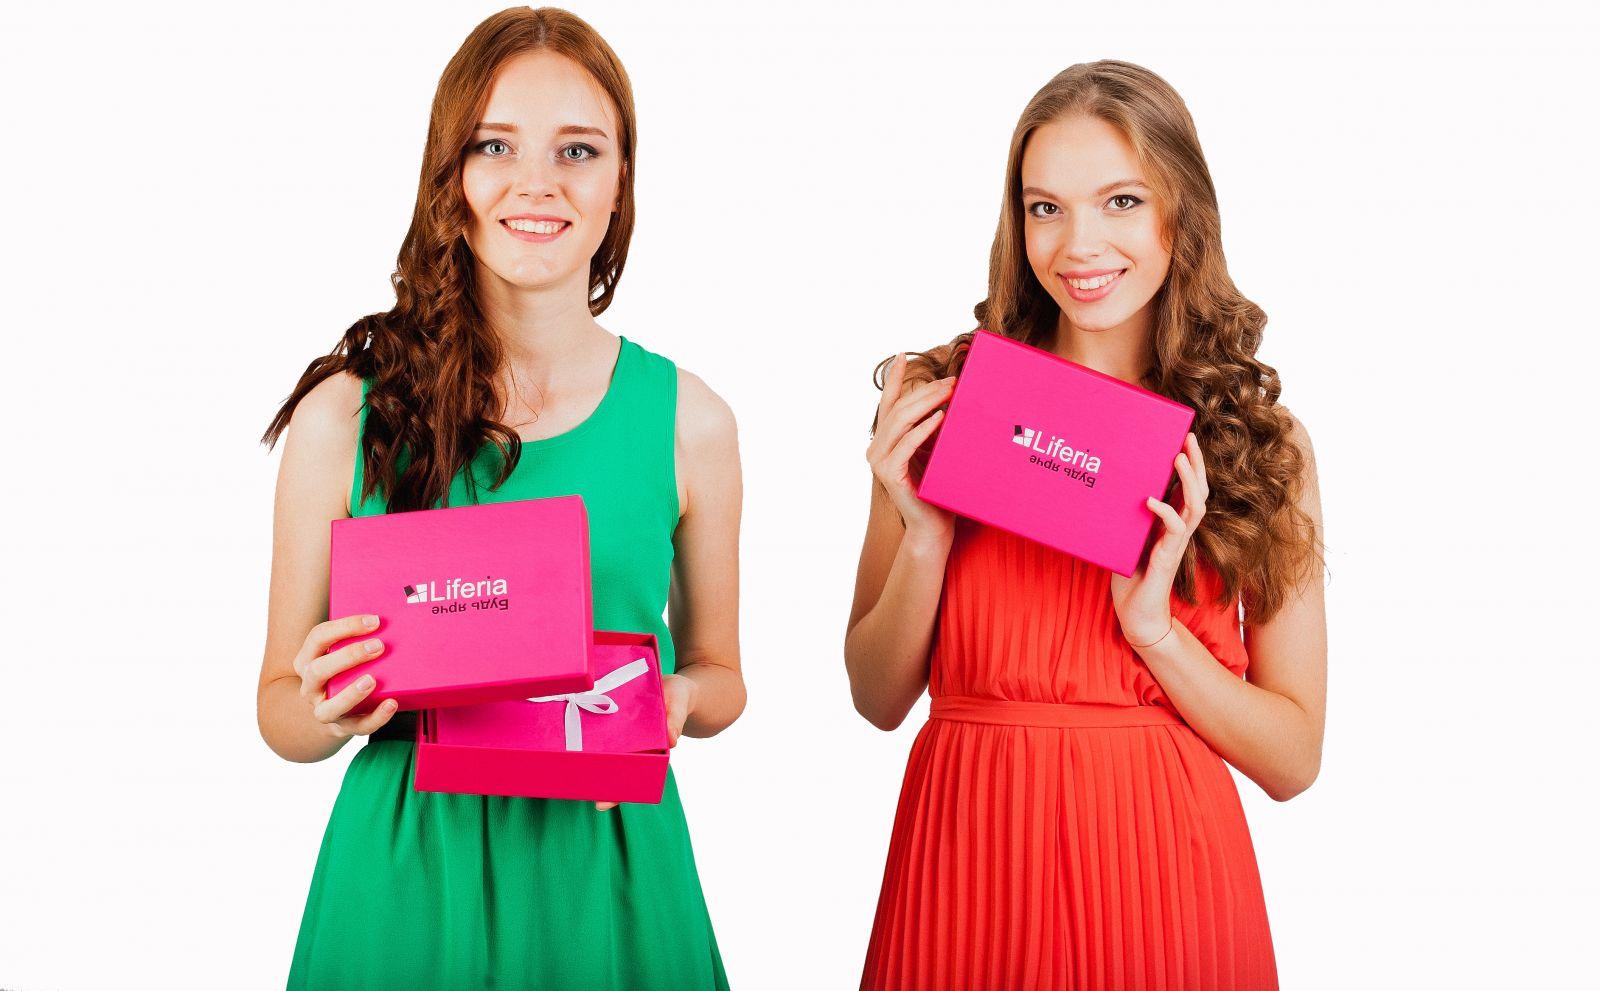 Как создать бьюти-бизнес, который решает проблему всех девушек: бизнес-история Екатерины Савиной - фото №4